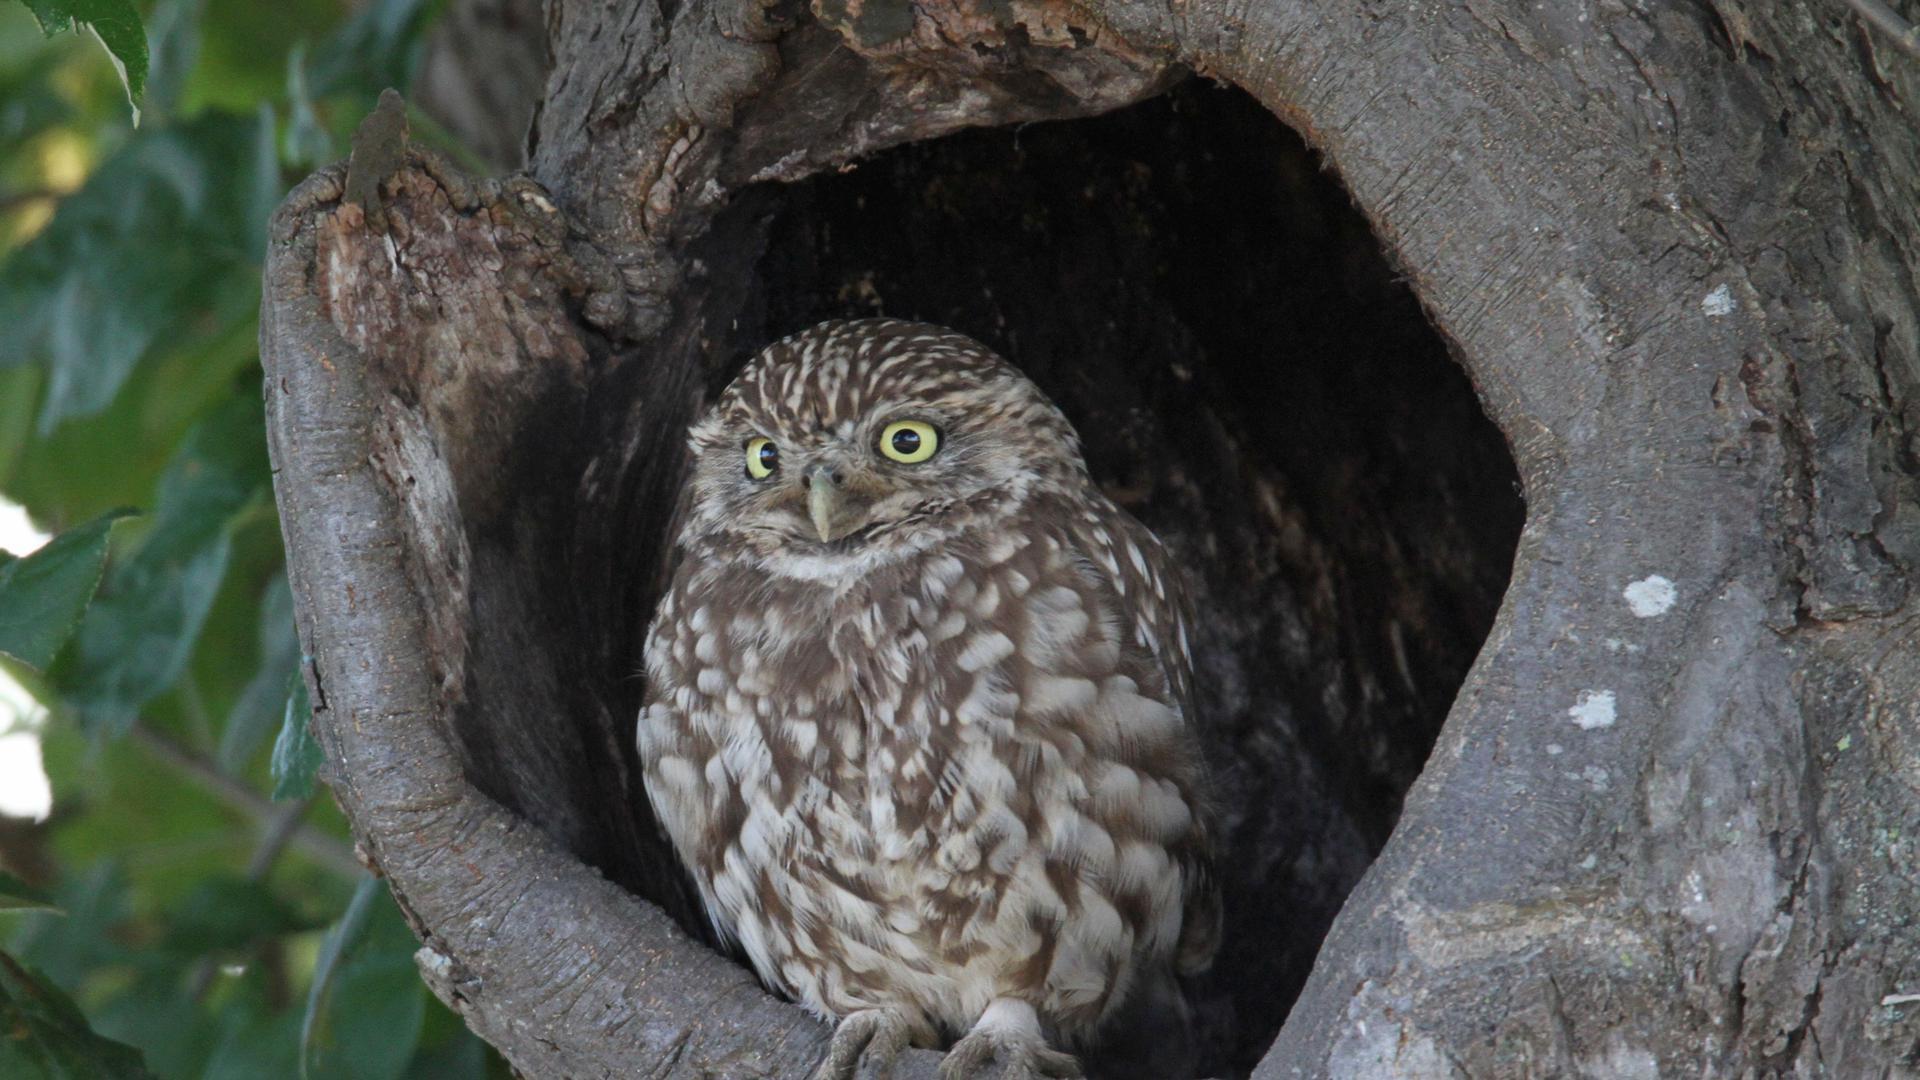 Ein Steinkauz sitzt in einer Baumhöhle und schaut Richtung Betrachter